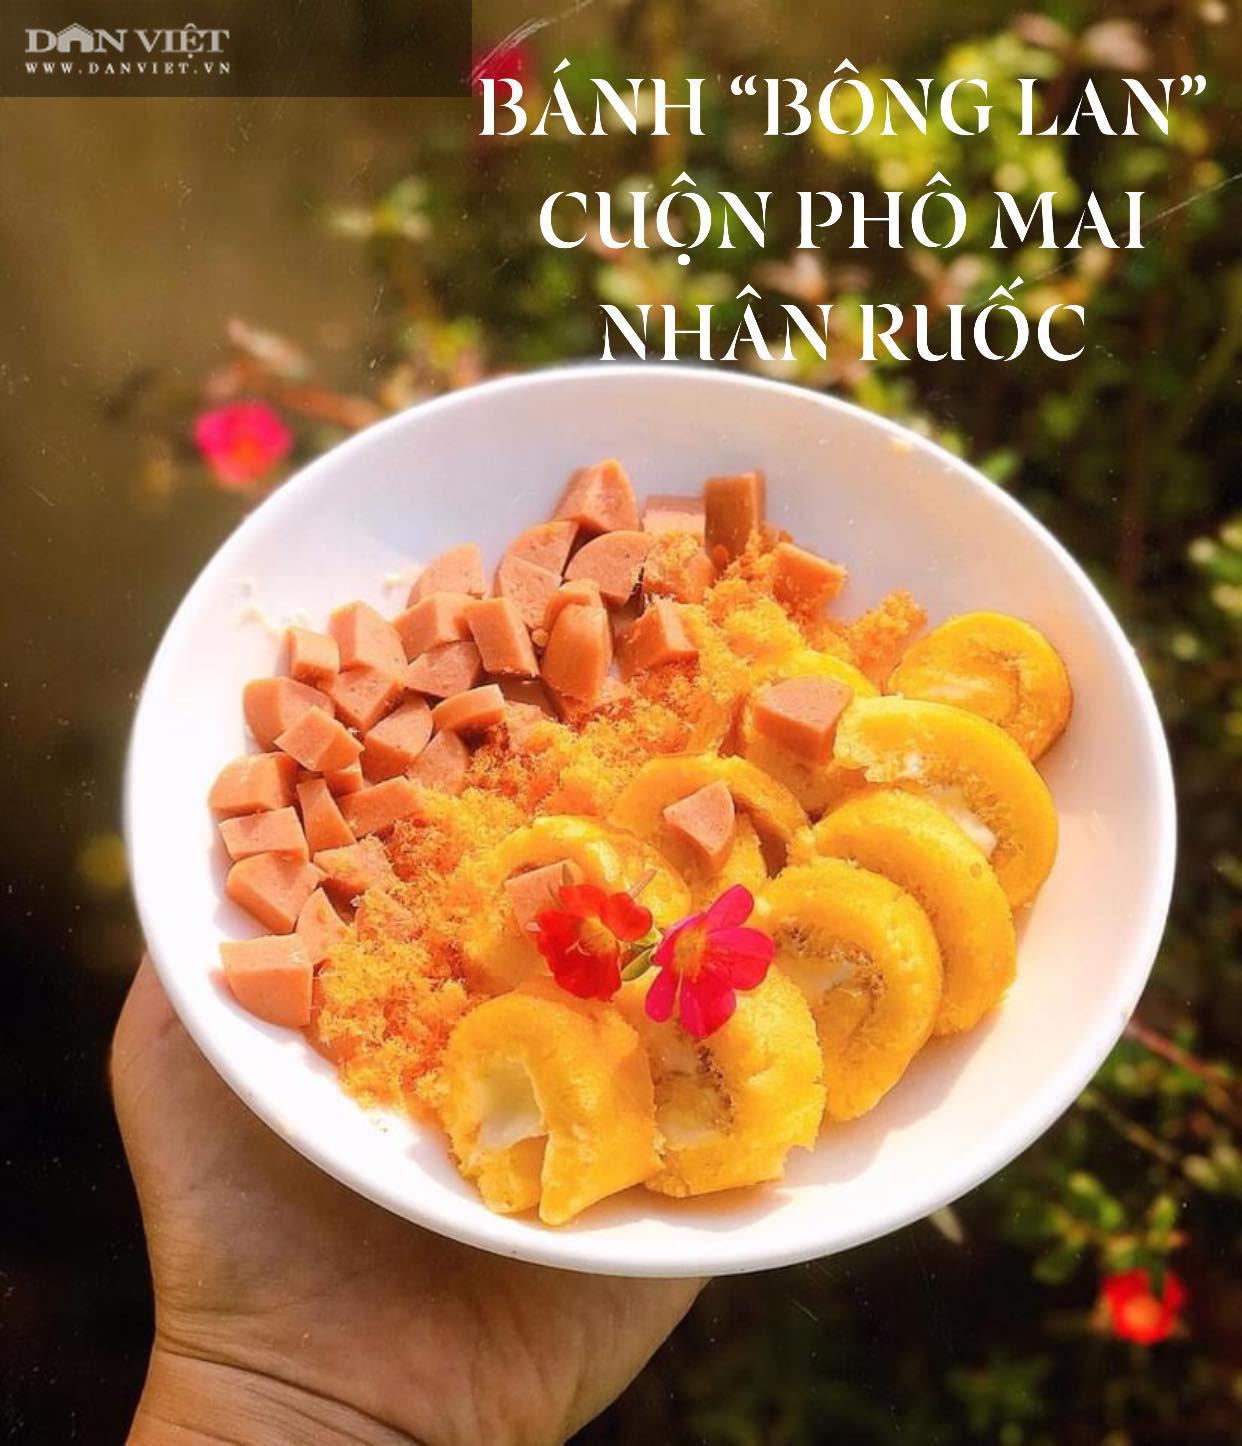 Gợi ý 4 món ăn sáng với ruốc cá hồi đơn giản và đủ chất cho bé - Ảnh 2.